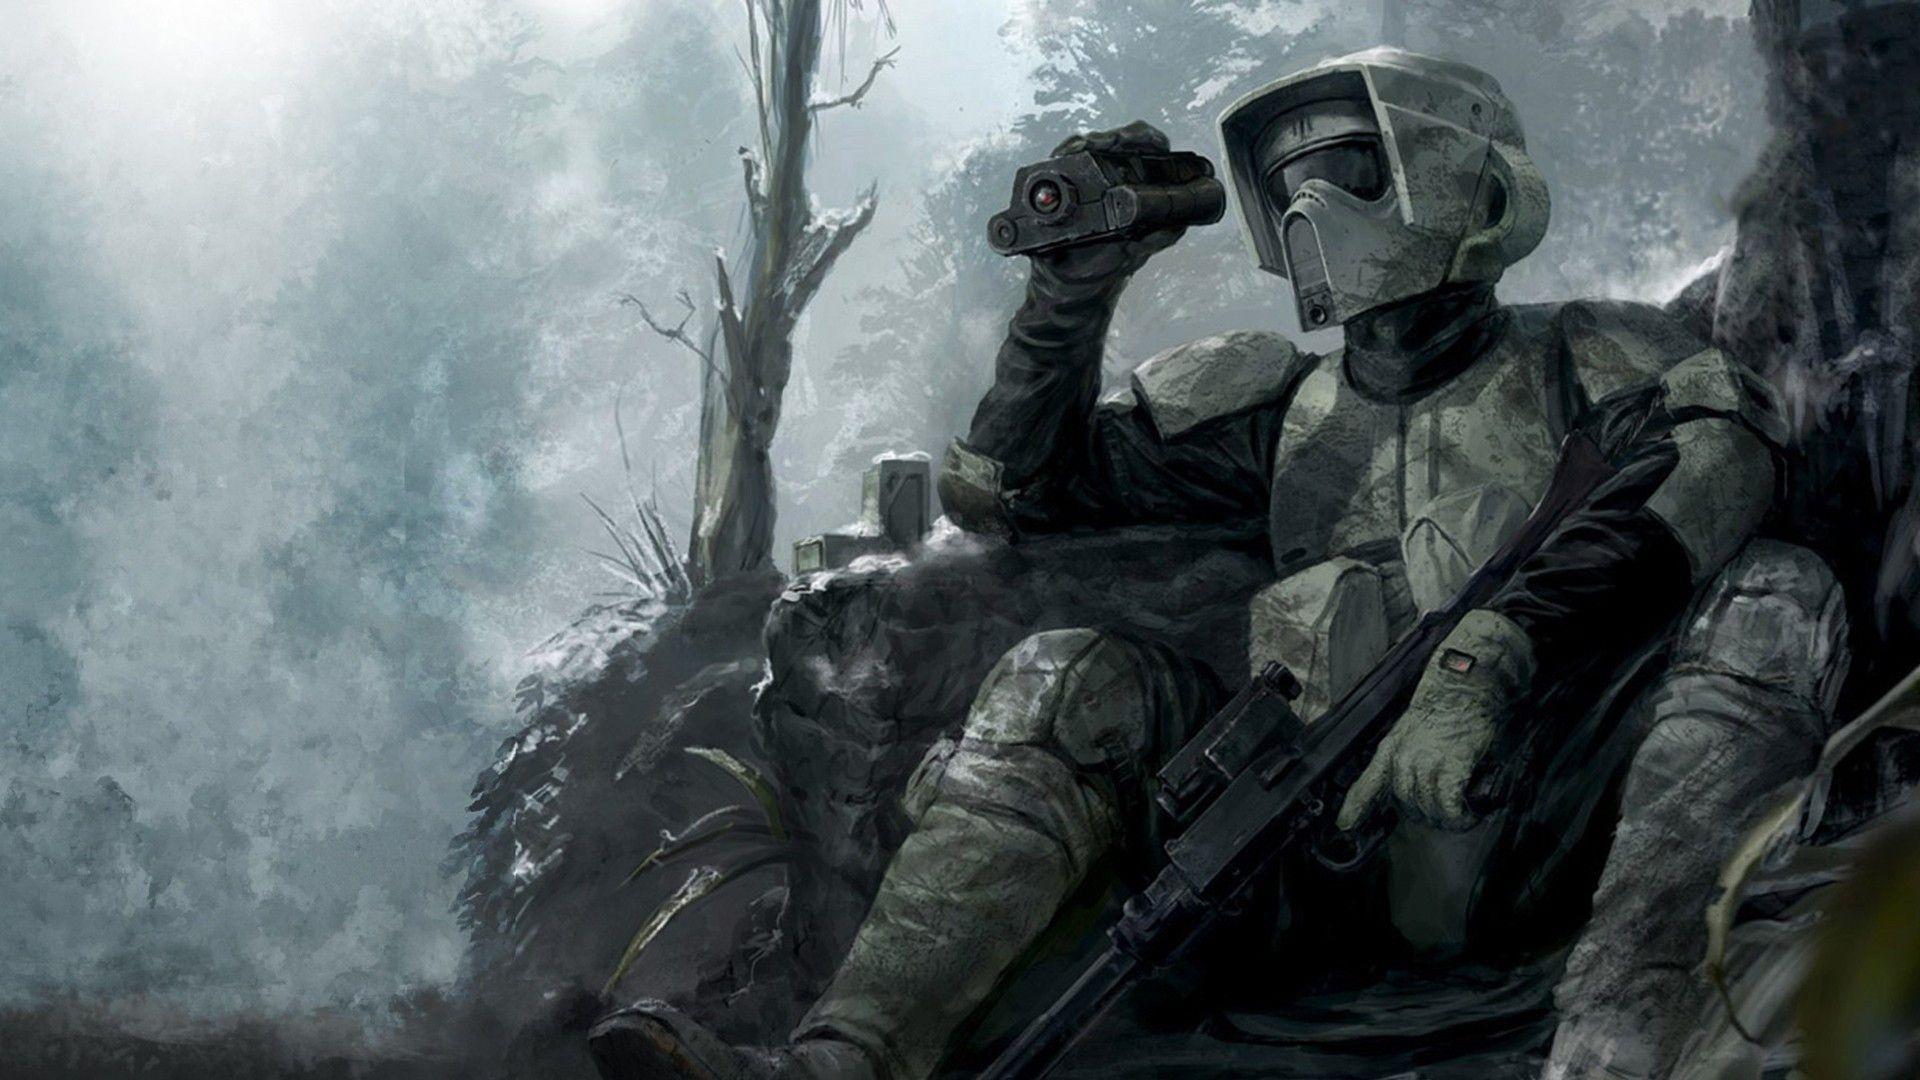 Star Wars Scout Trooper Wallpaper - Star Wars Clone , HD Wallpaper & Backgrounds